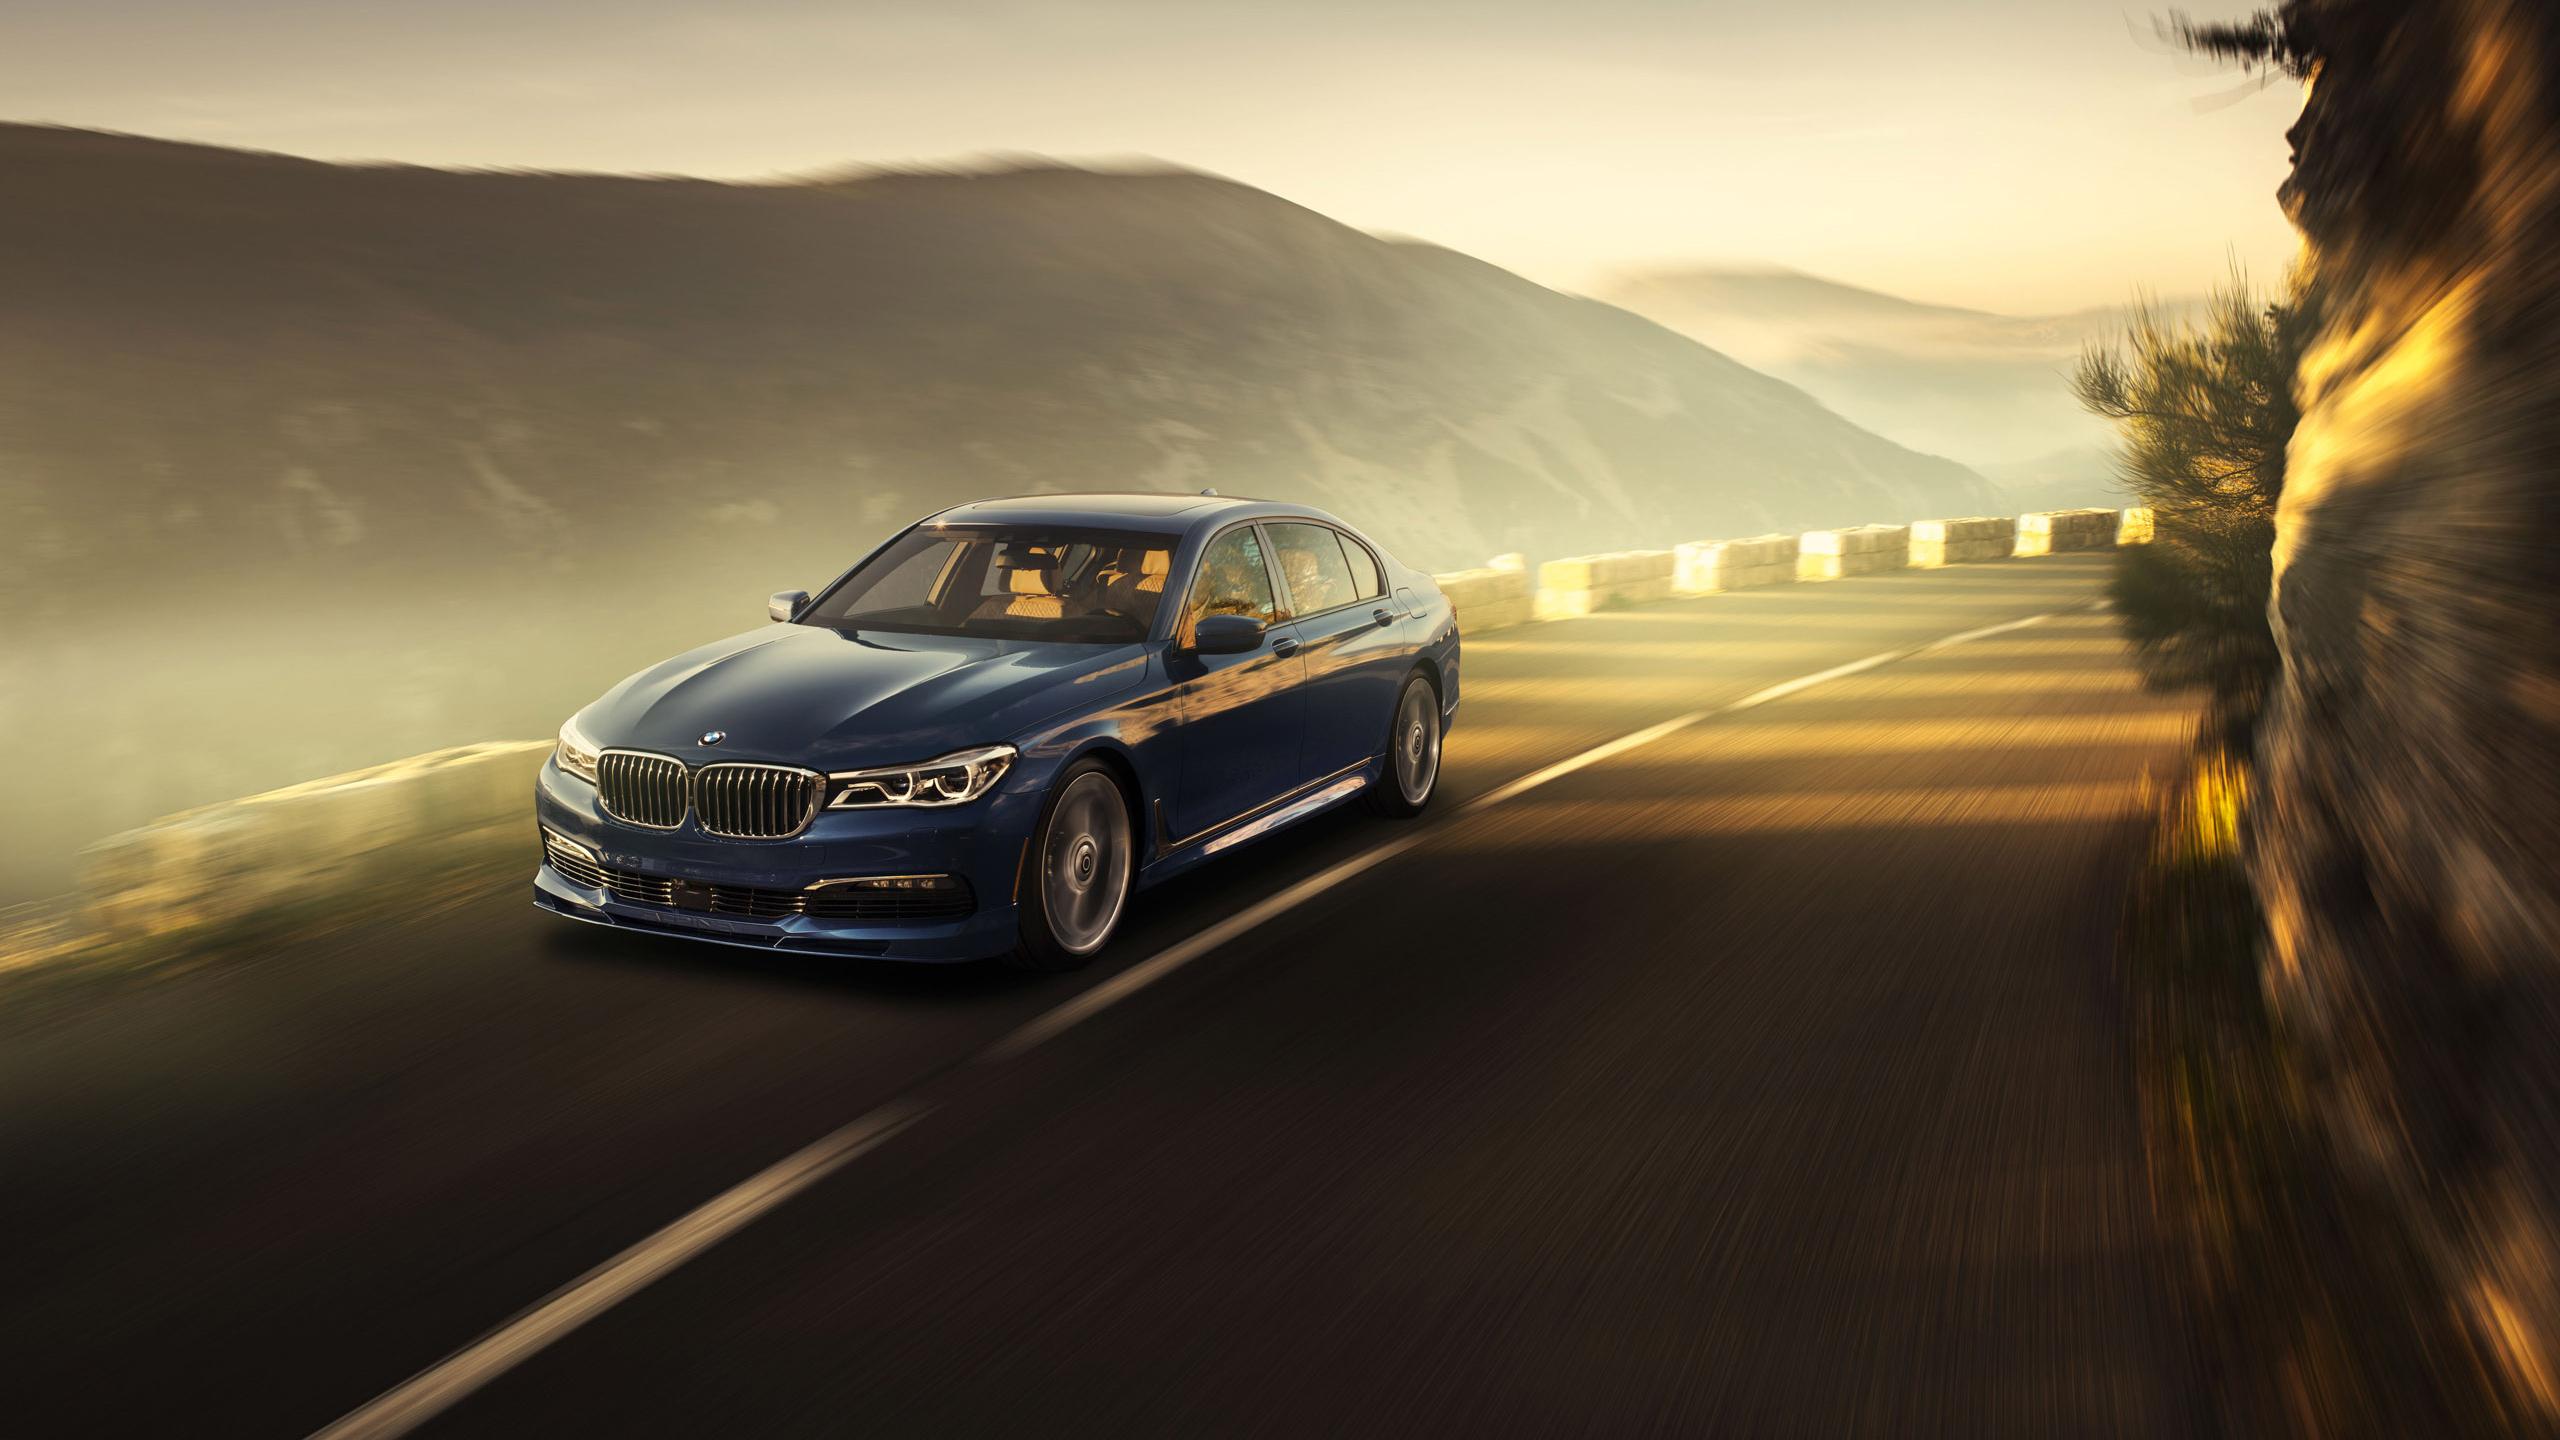 2016 Bmw Alpina B7 Bi Turbo Wallpaper Hd Car Wallpapers